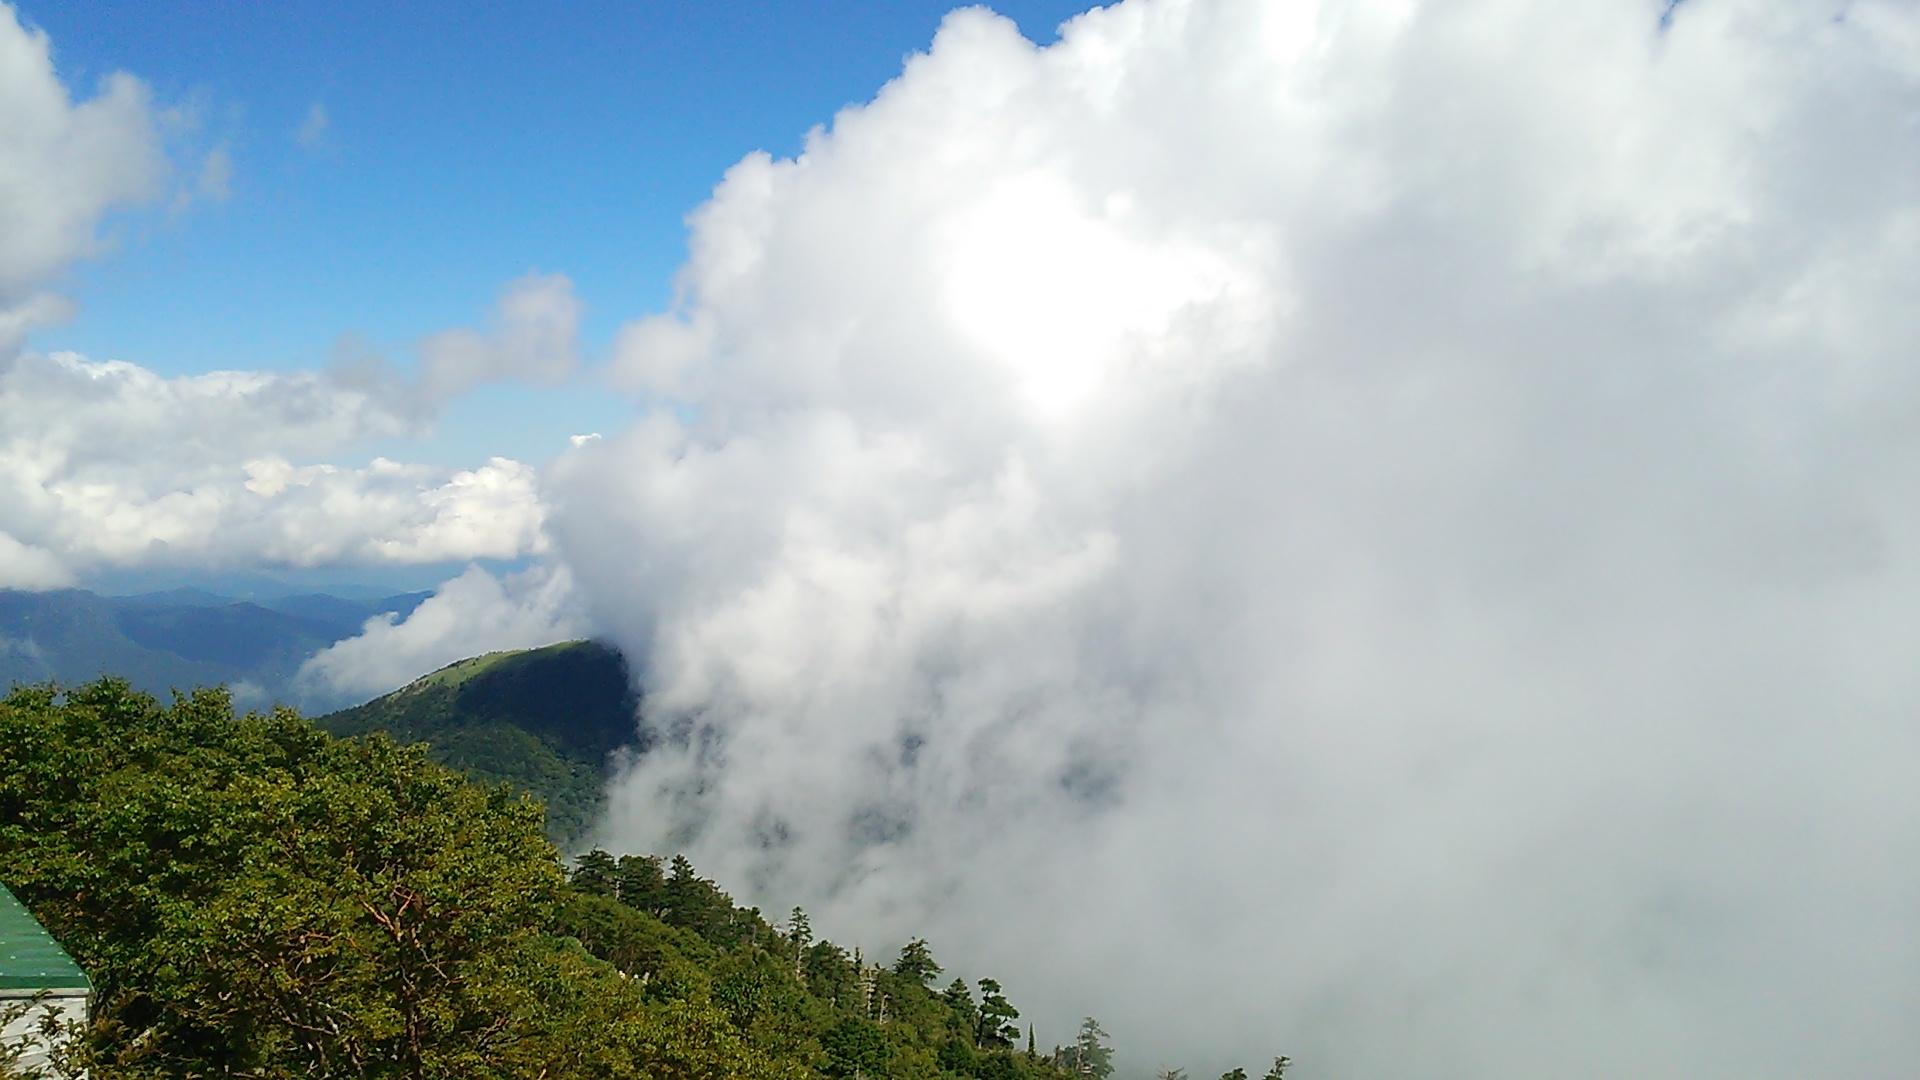 8月27日 朝の気温 11℃。どんどん気温が下がります。今朝は滝雲のおまけつき雲海。_c0089831_1038345.jpg